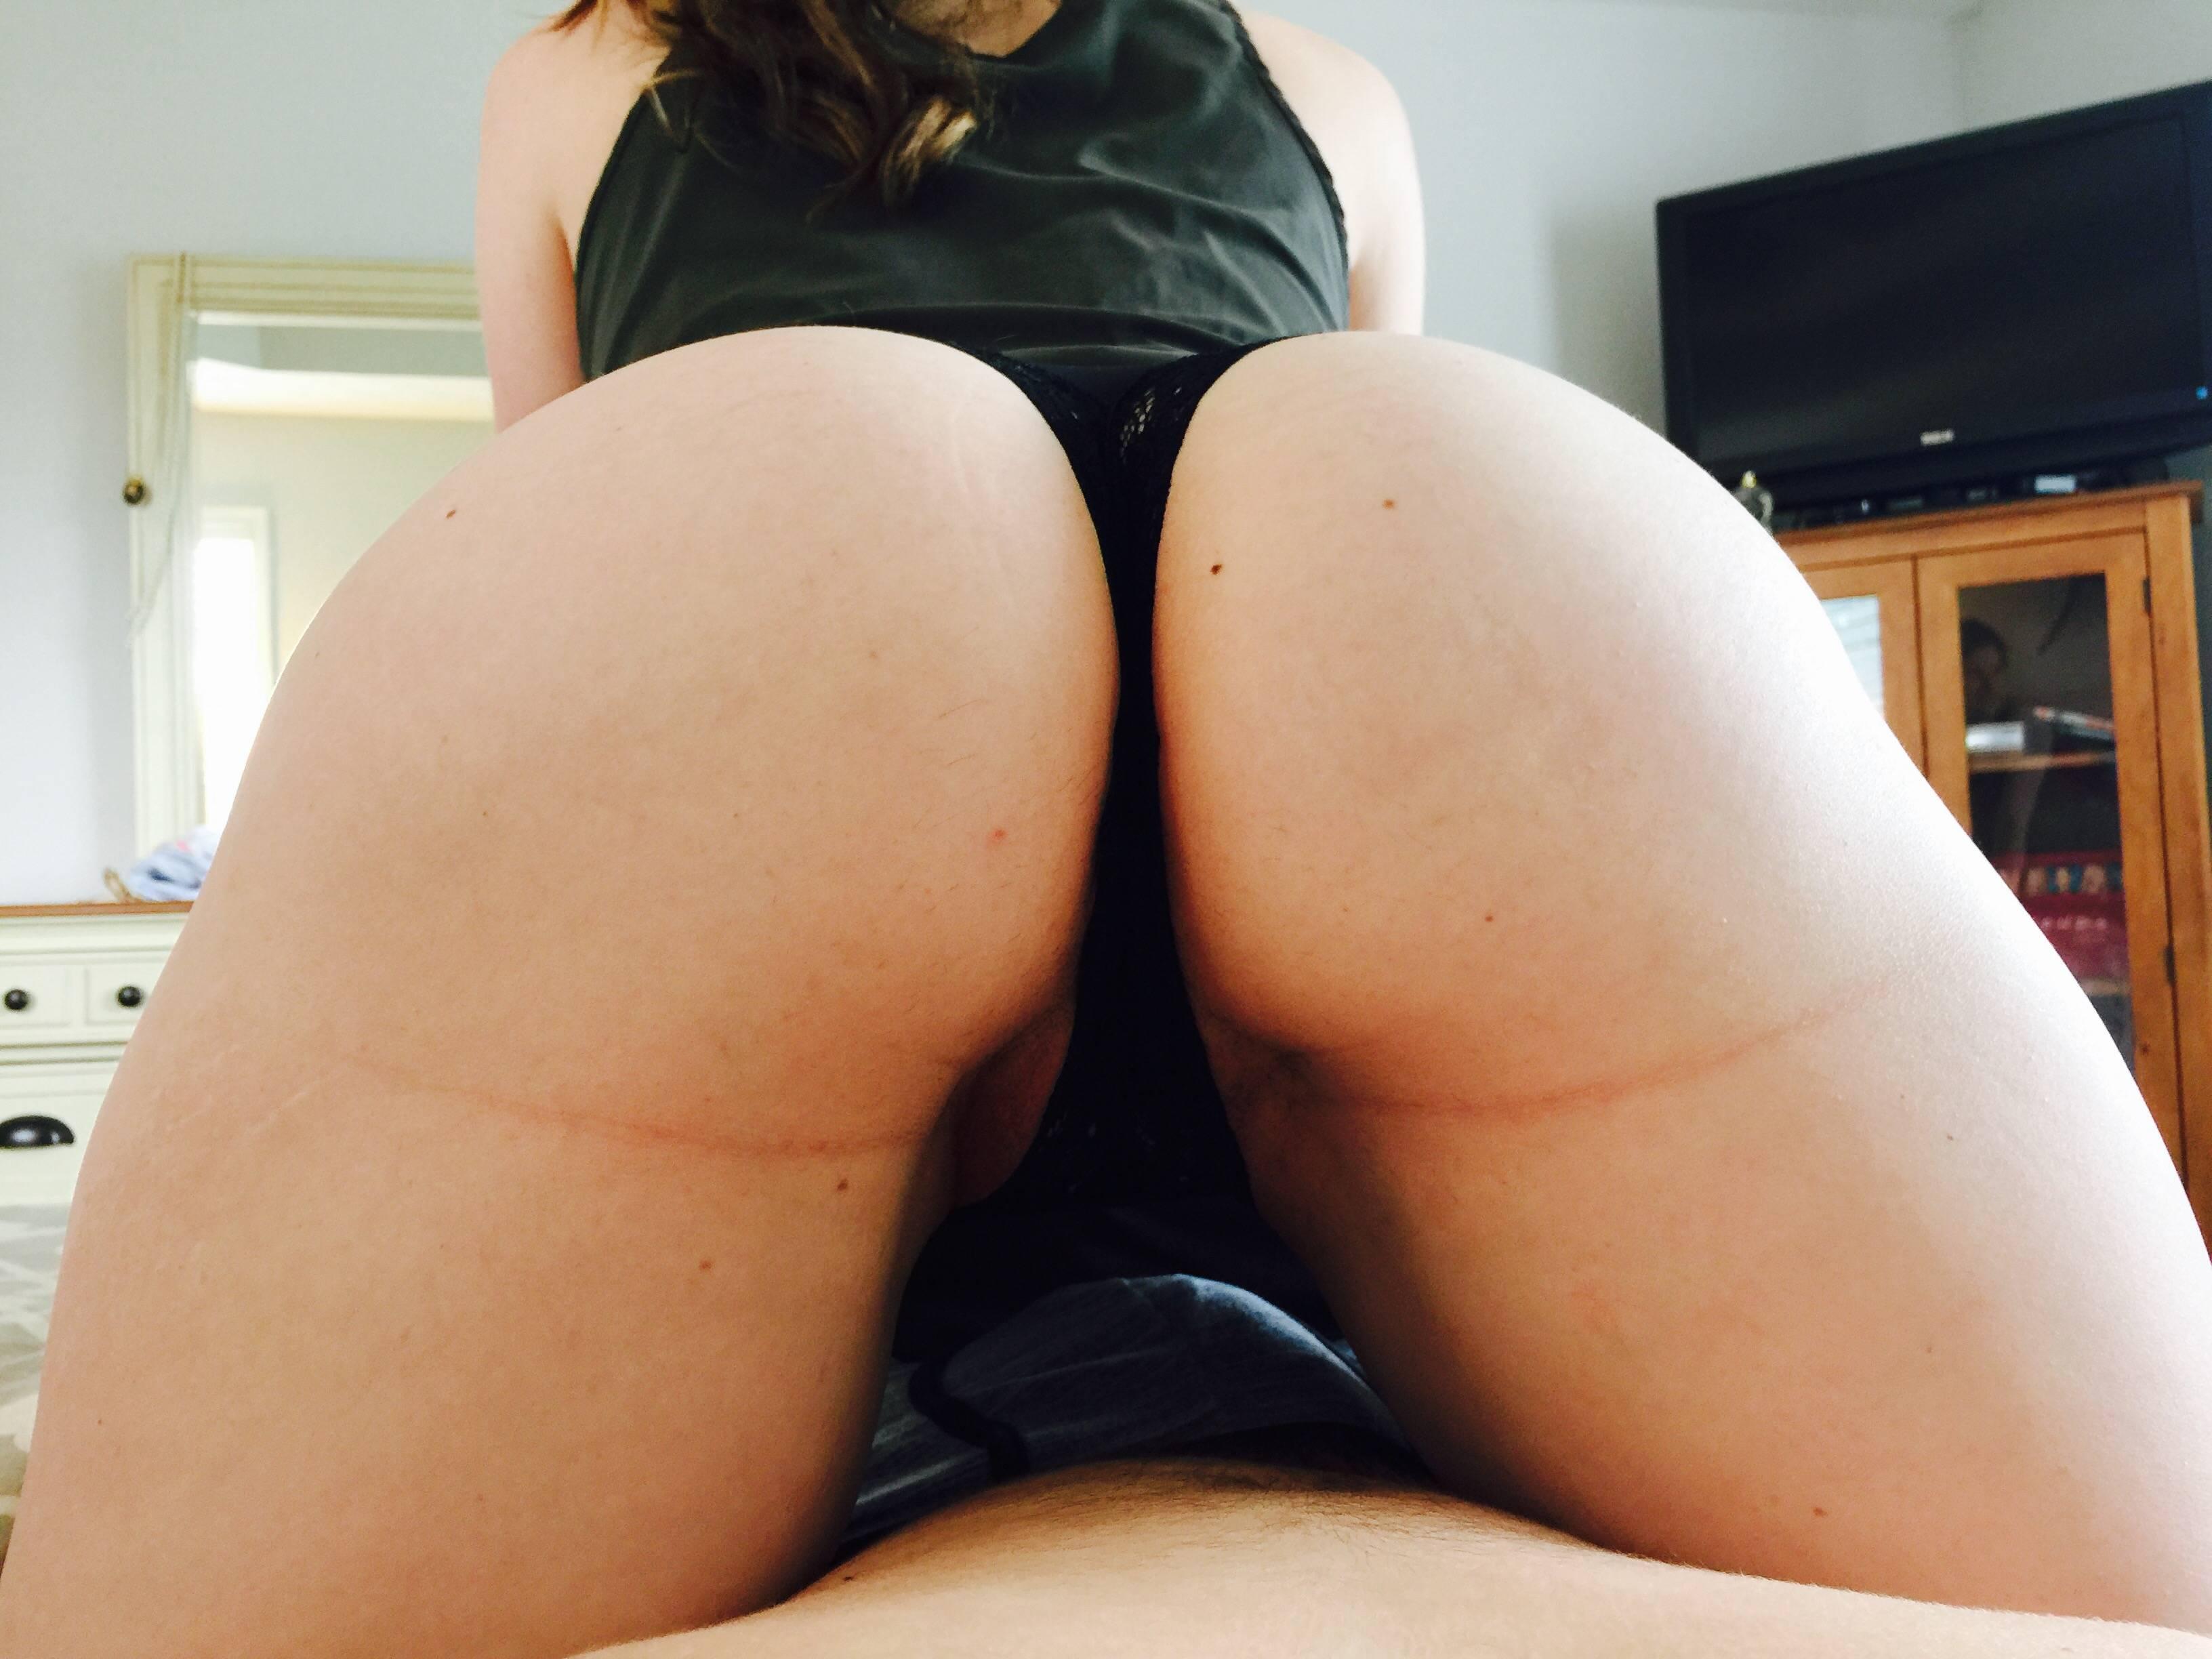 Wifey ass